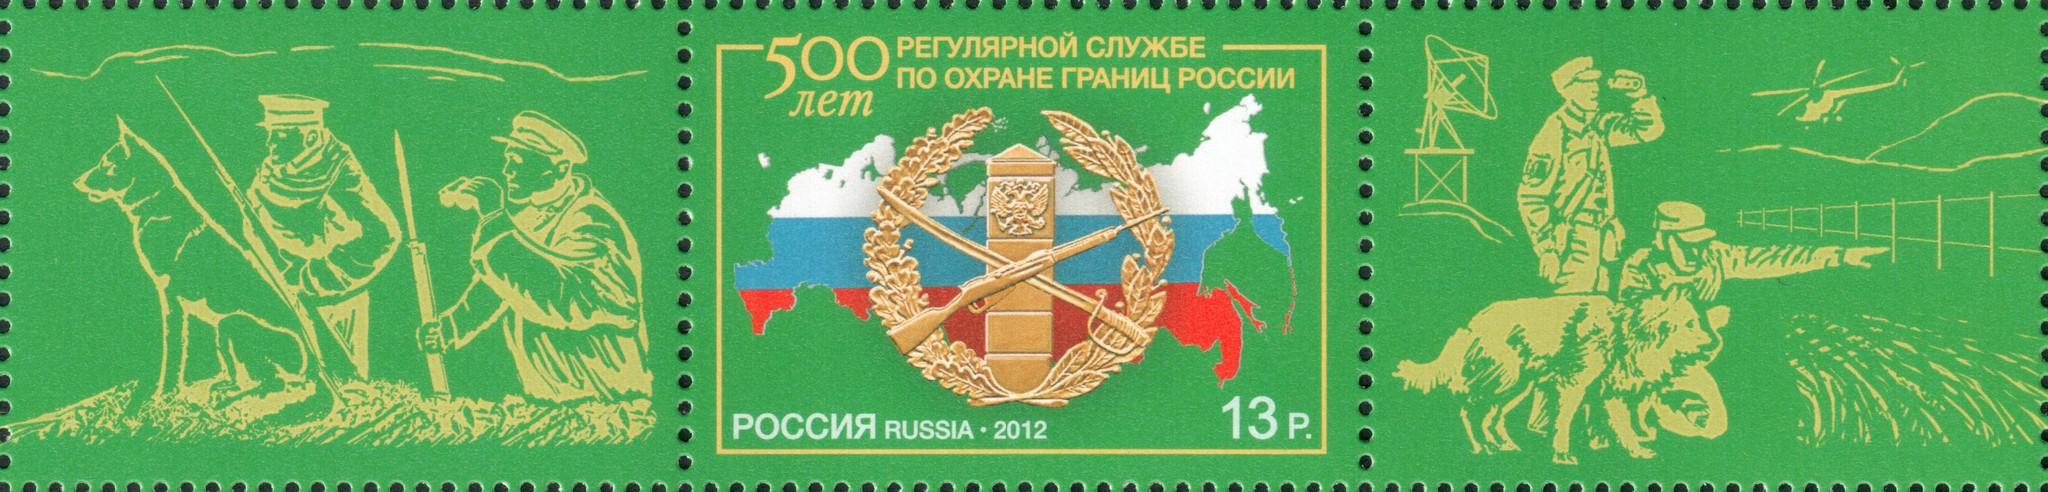 500 лет регулярной службе по охране границ России